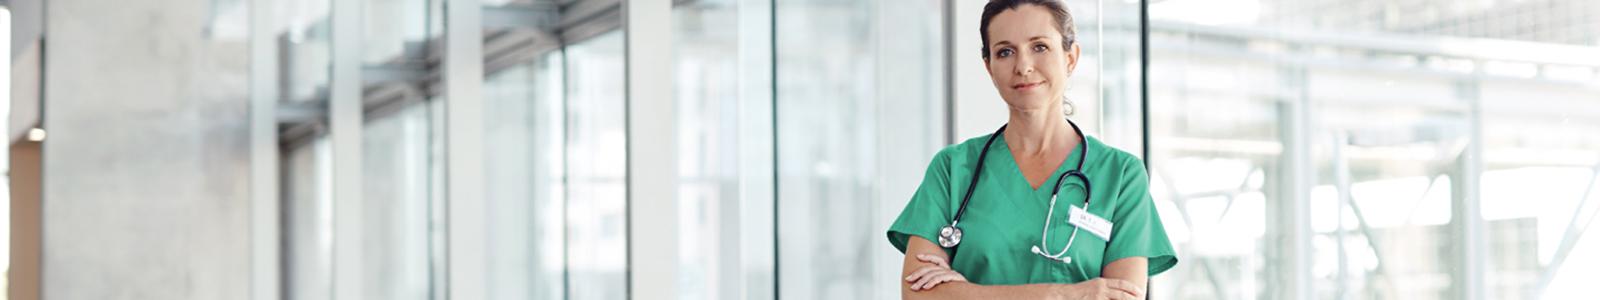 Vrouwelijke arts met stethoscoop om haar hals staat in de gang van een ziekenhuis